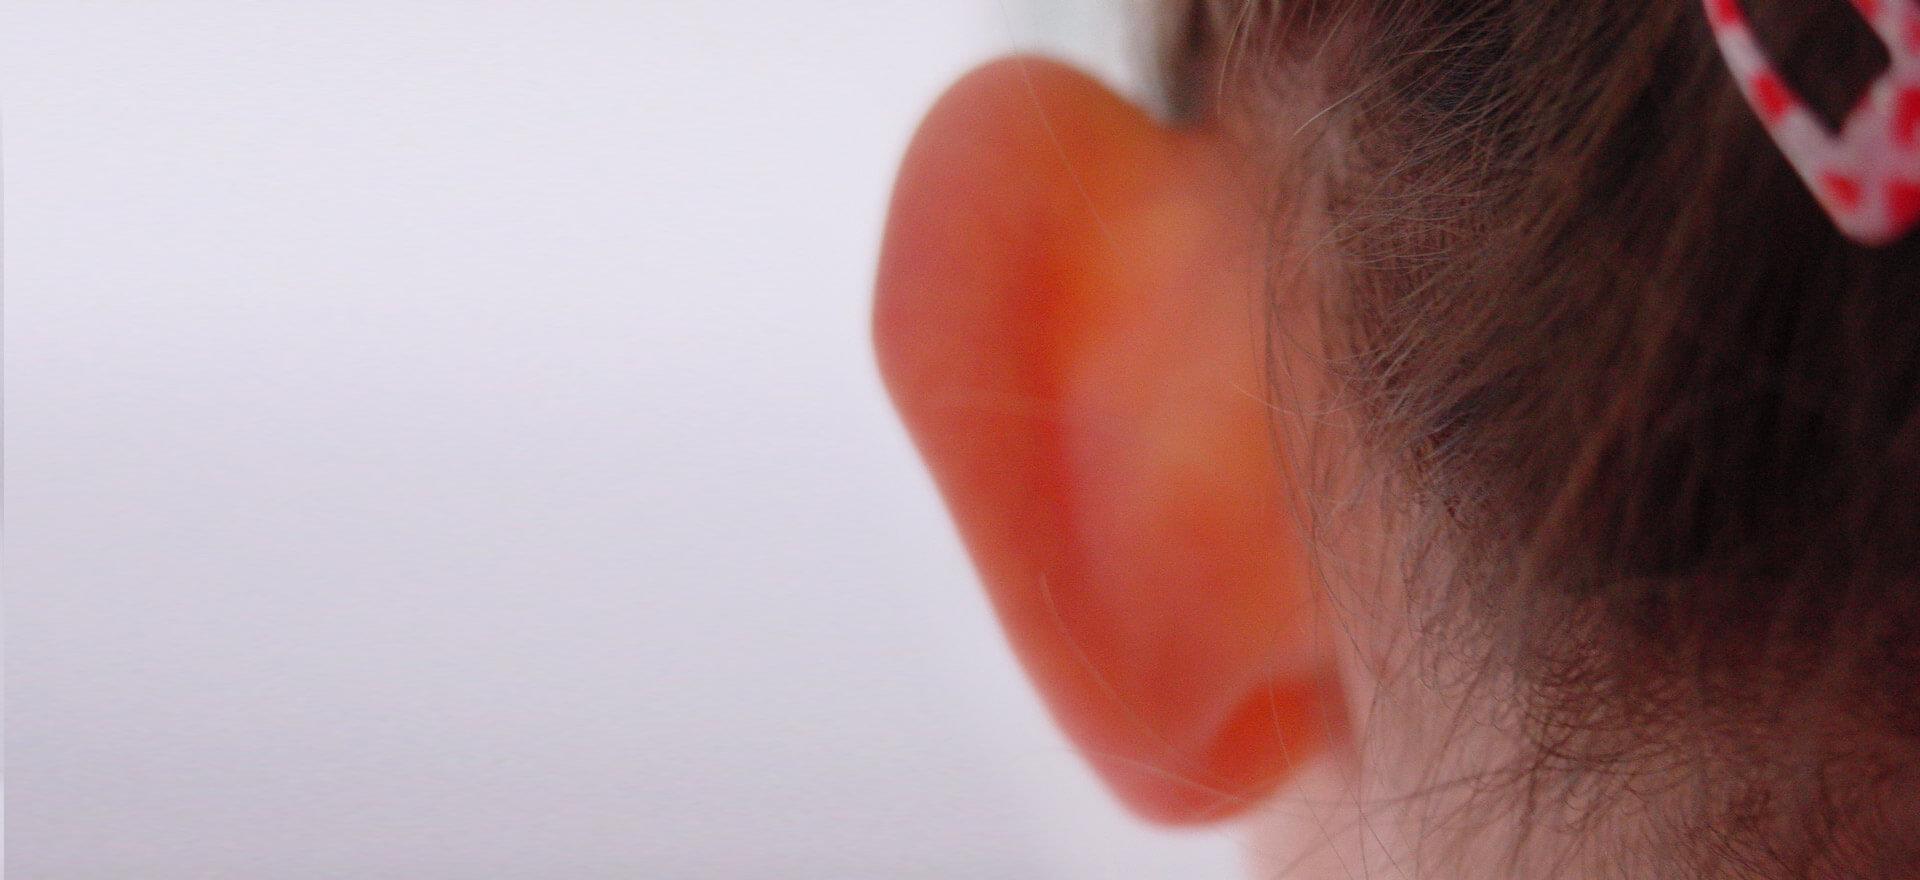 Mädchen mit abstehenden Ohren wurde im Belleza-Zentrum in Berlin behandelt.